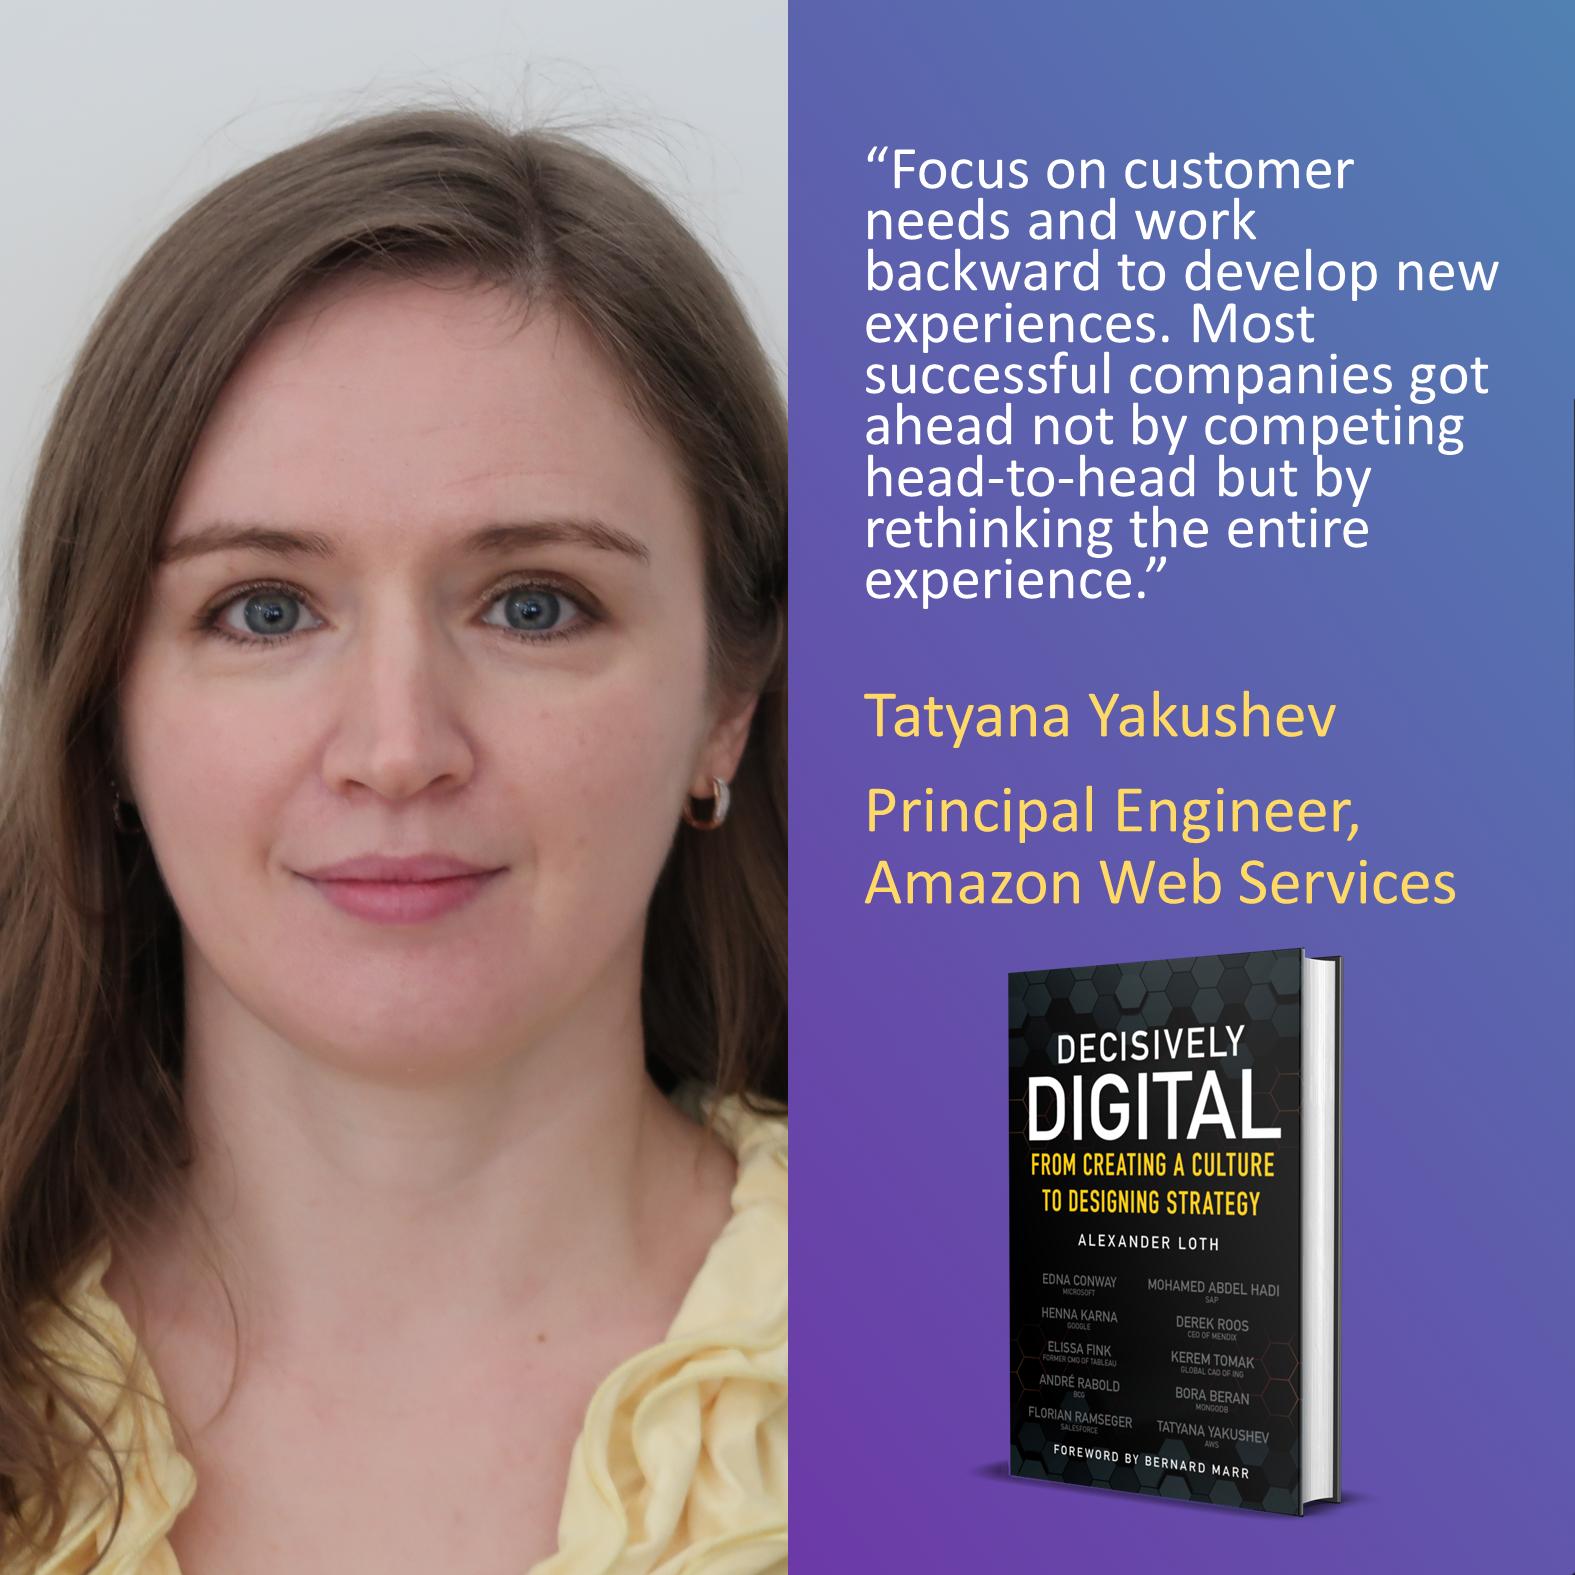 Tatyana Yakushev, Amazon Web Services